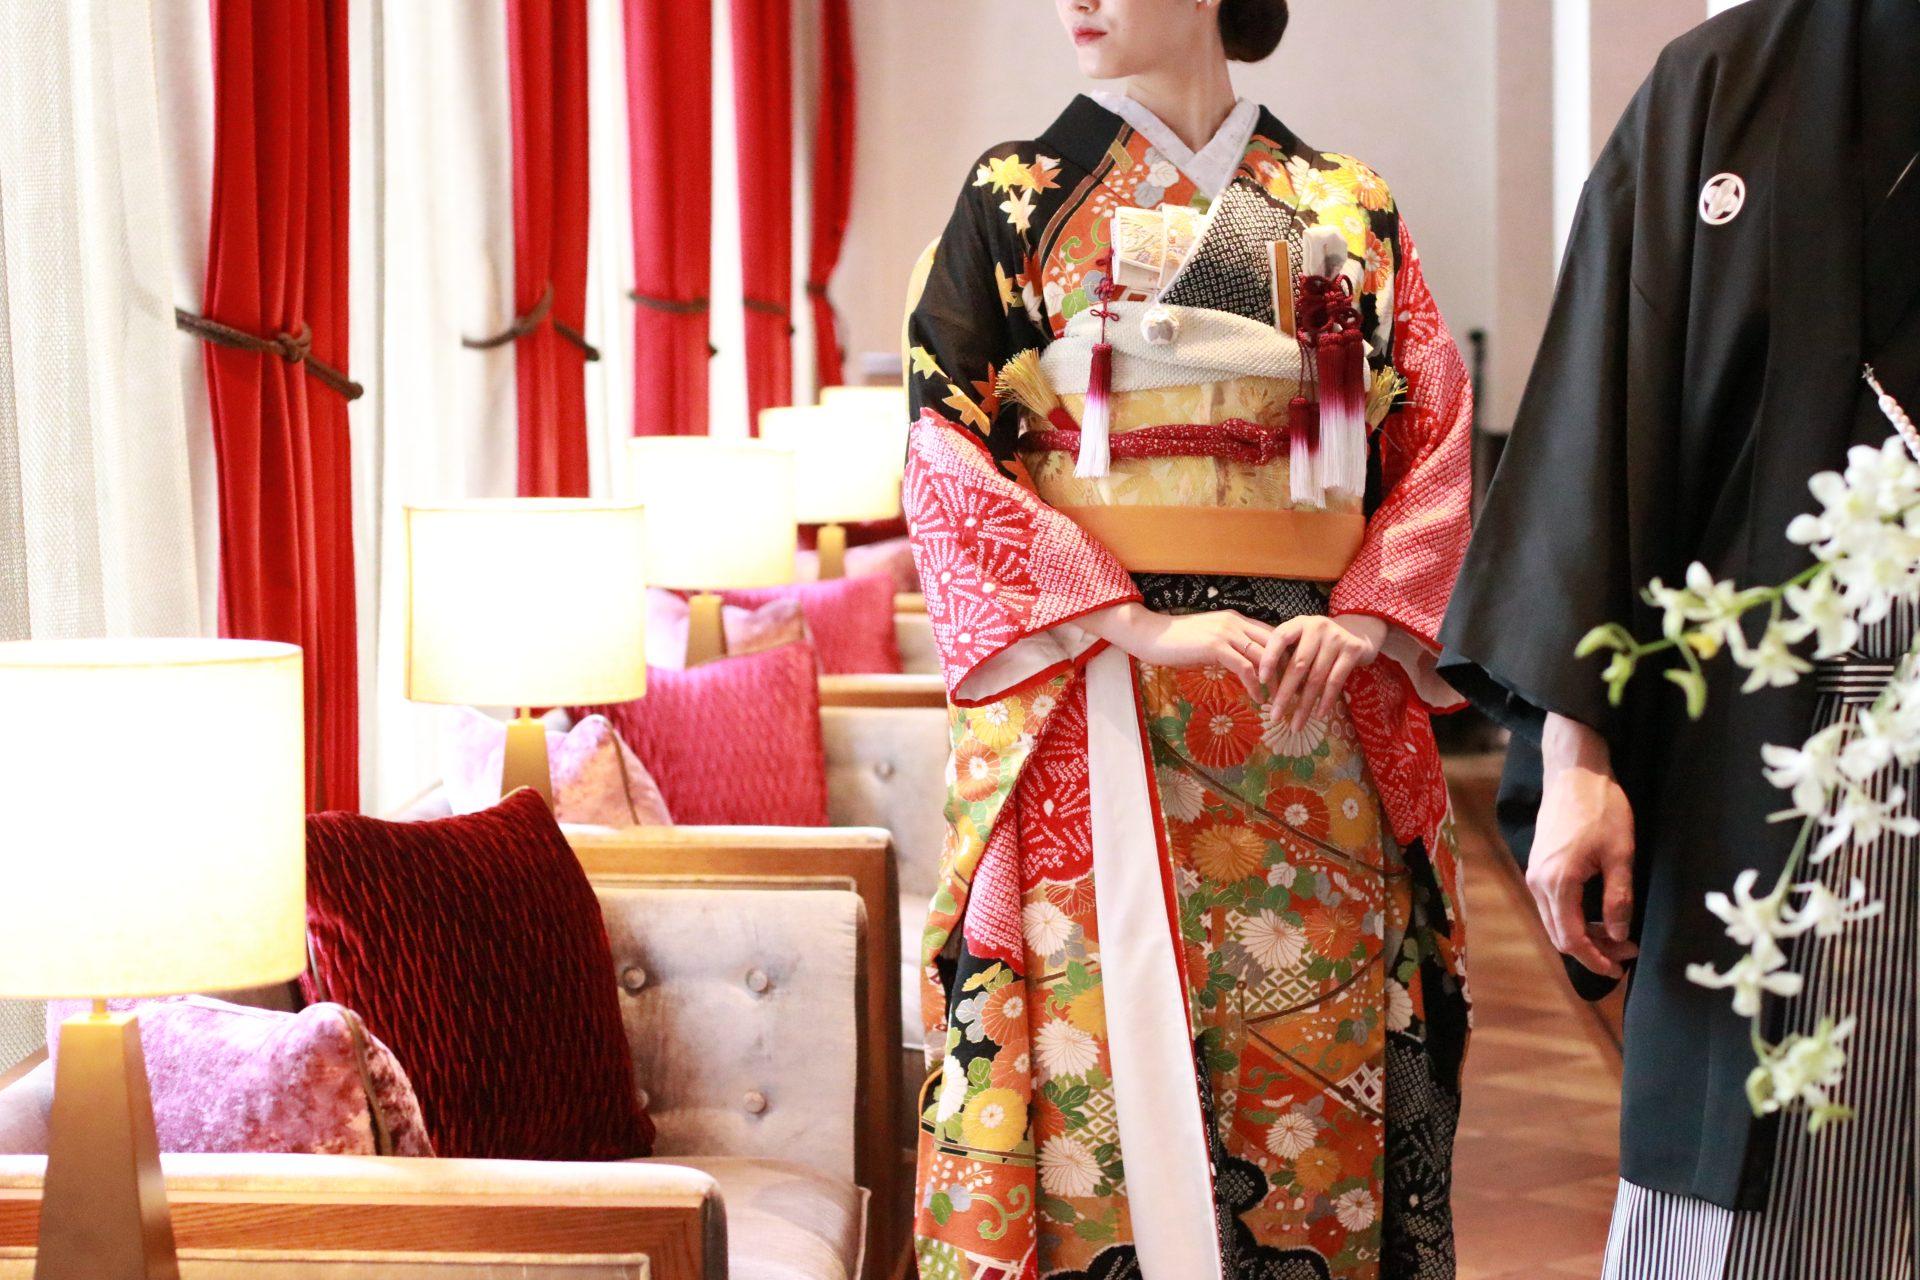 ザ・トリート・ドレッシング アディション店では、赤坂プリンスクラシックハウスの専属ショップとして、洋館のゲストハウスにも相性の良いモダンで洗練されたお和装もお取り扱いをしております